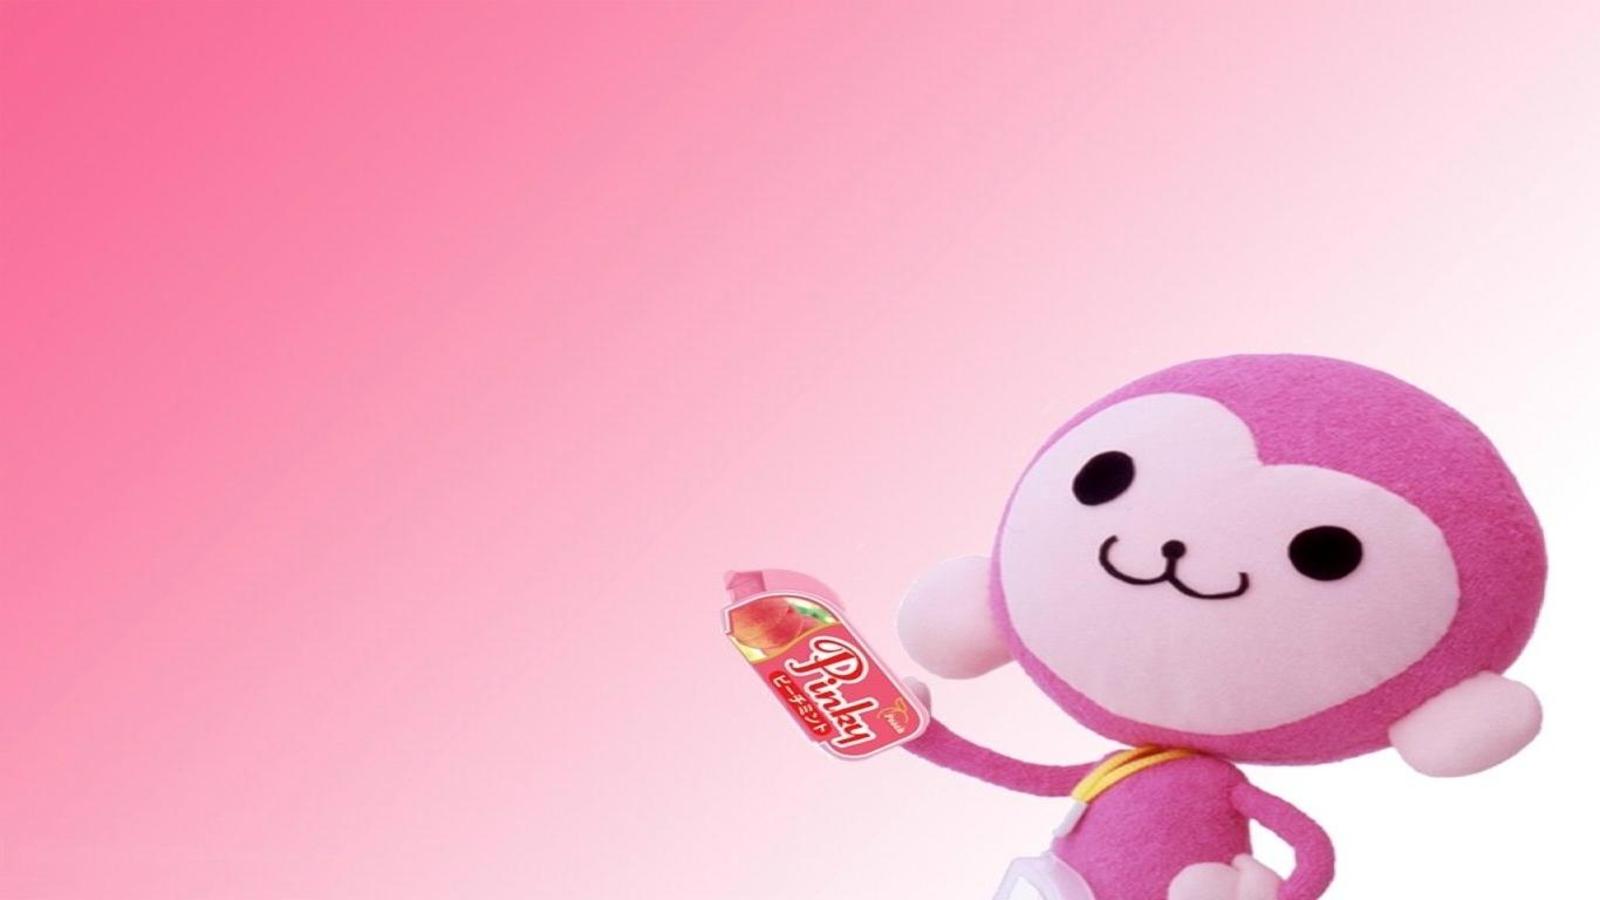 Cute Pink Desktop Backgrounds wallpaper wallpaper hd 1600x900